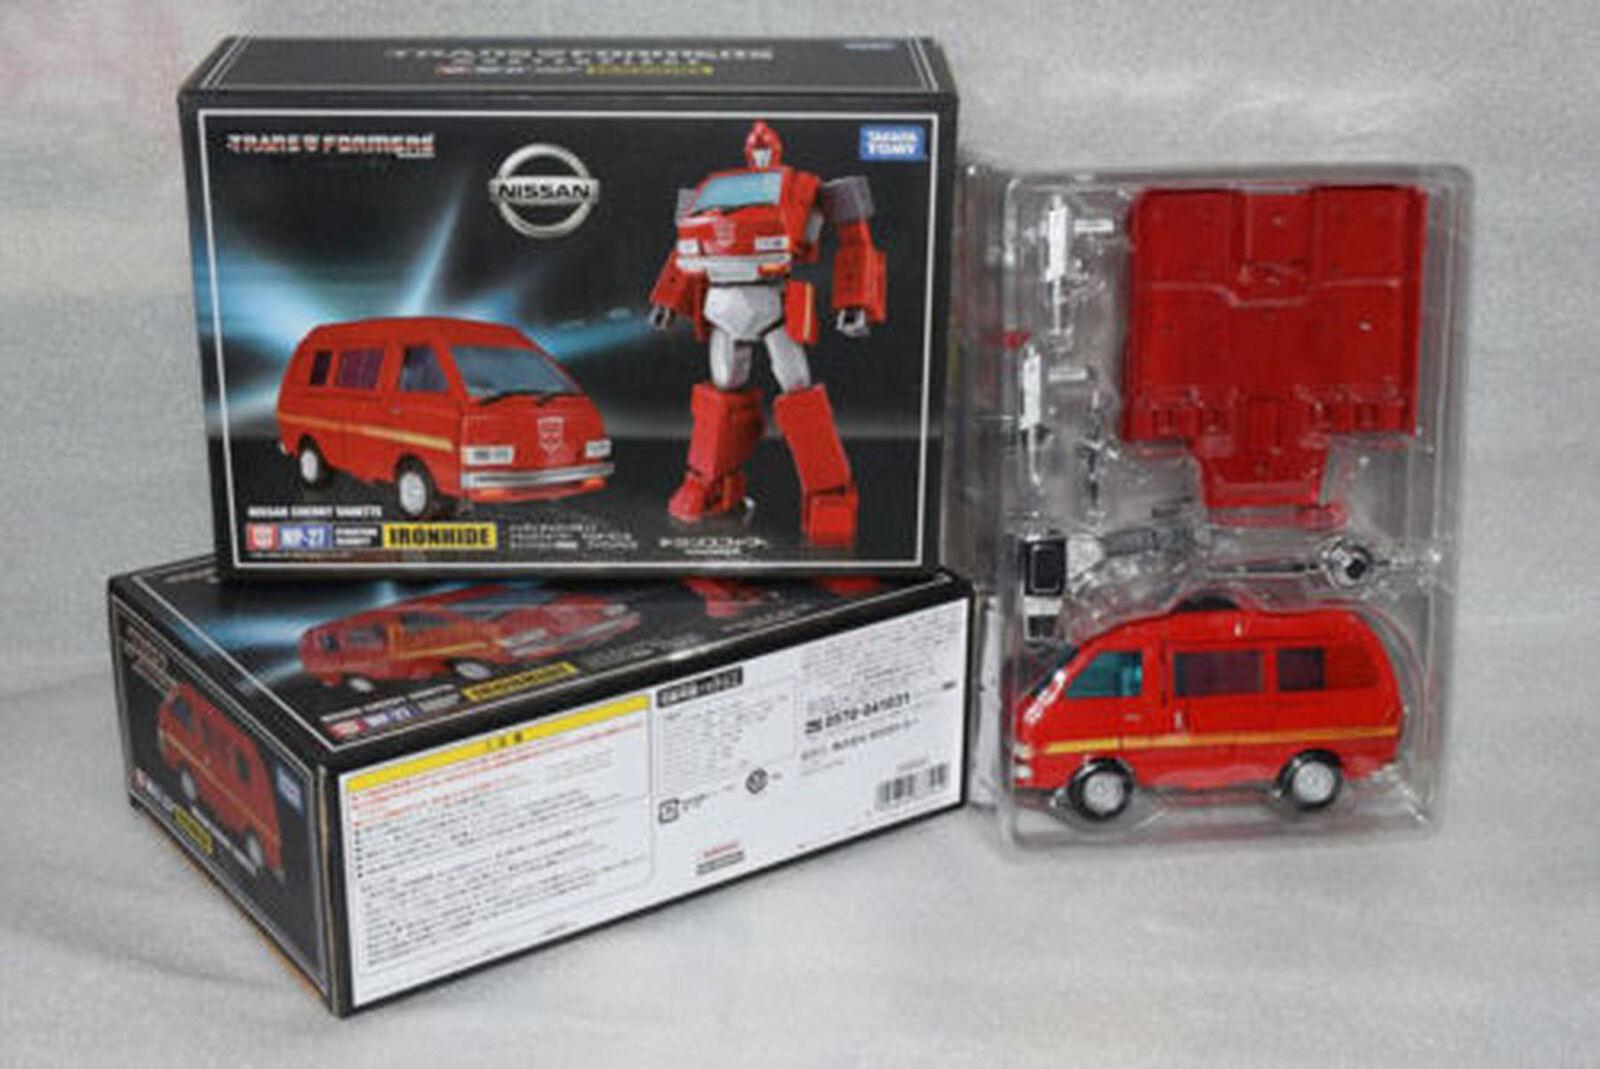 Transformatoren meisterwerk mp-27 mp27 ironhide autobots actionfigur geschenk neue